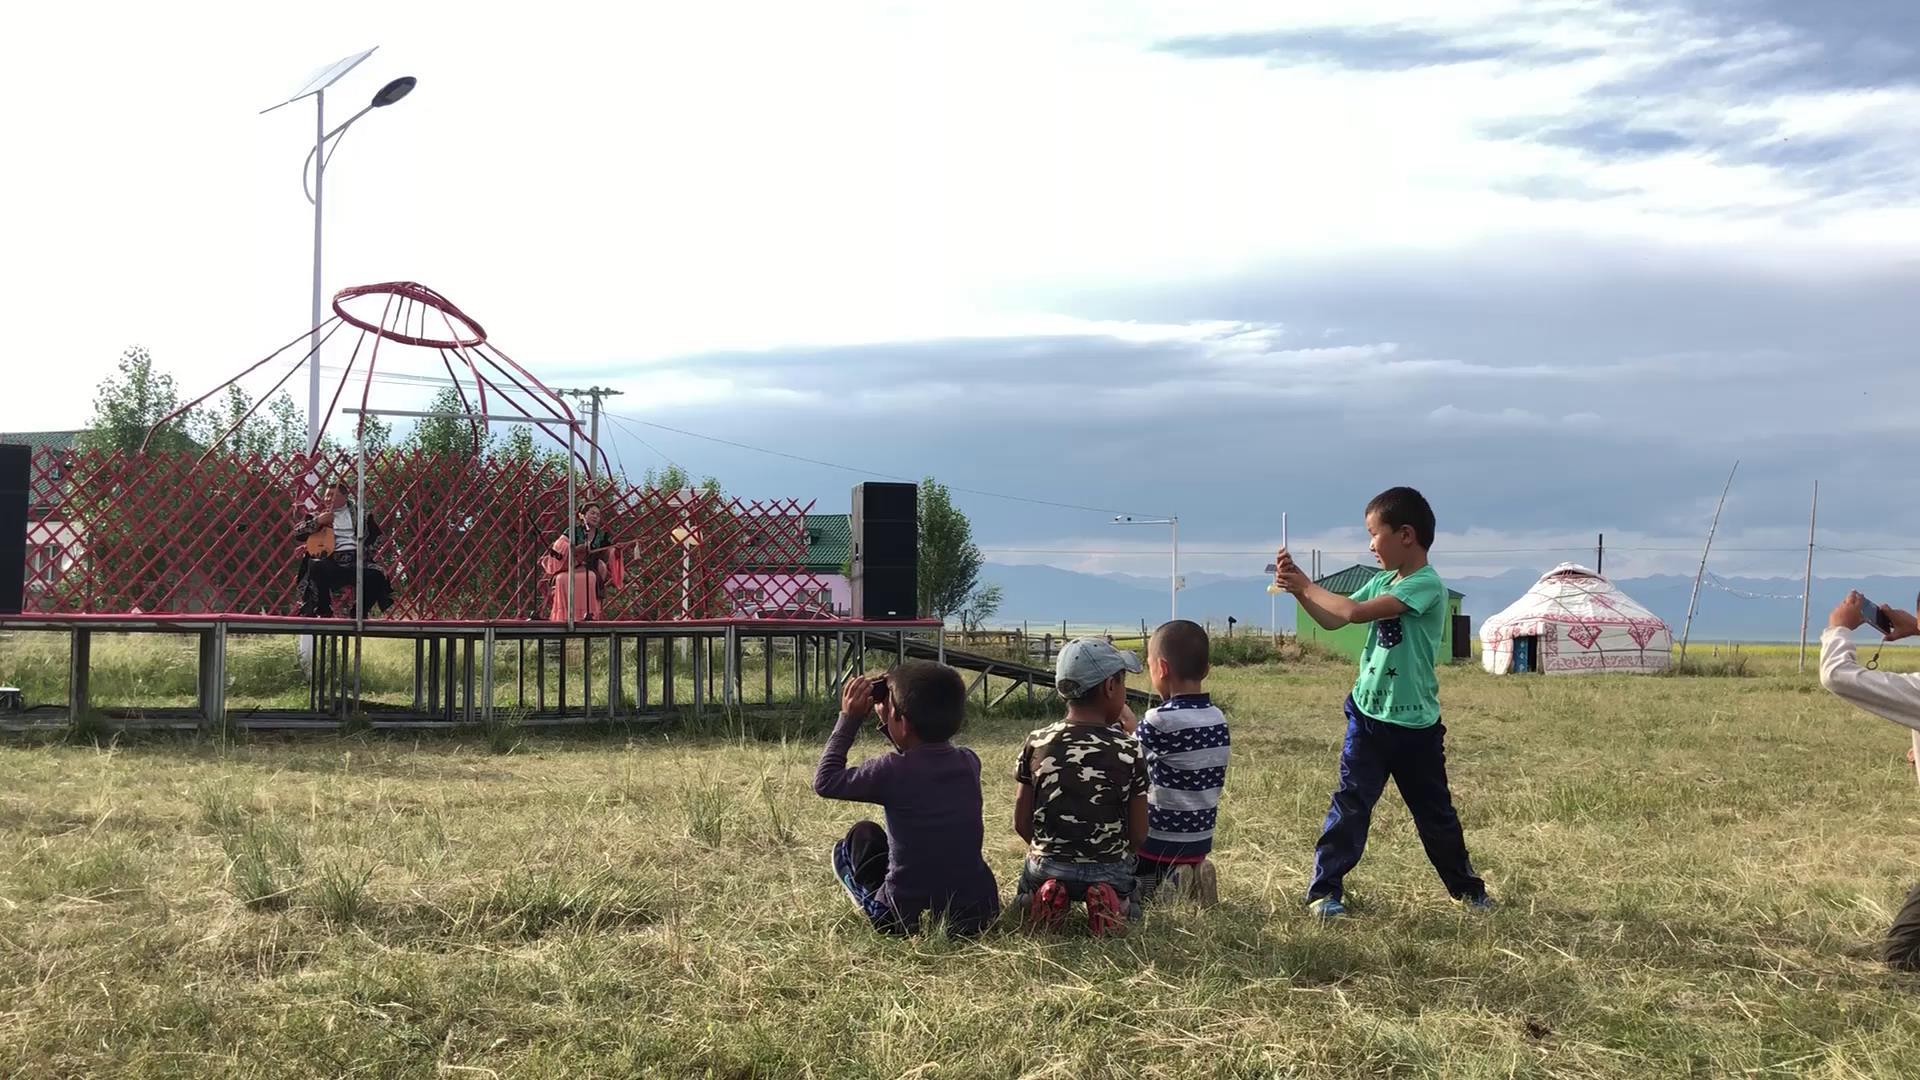 能与新疆美景相媲美的 一定是那淳朴的民风图片